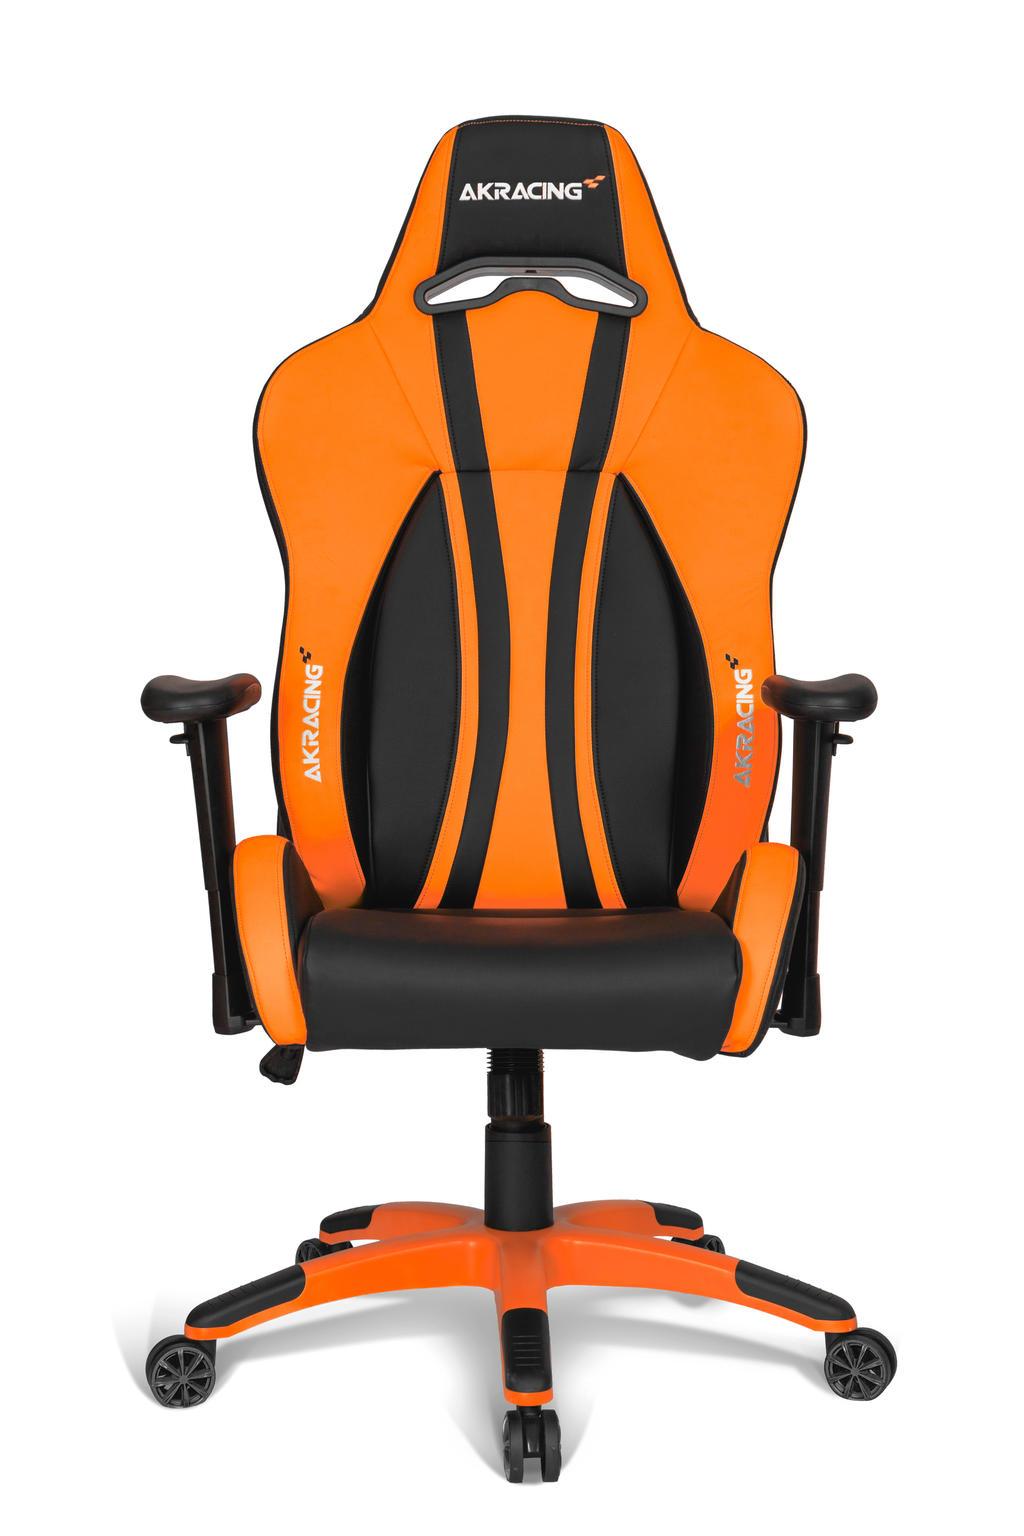 AKRacing Premium Plus gamestoel oranje